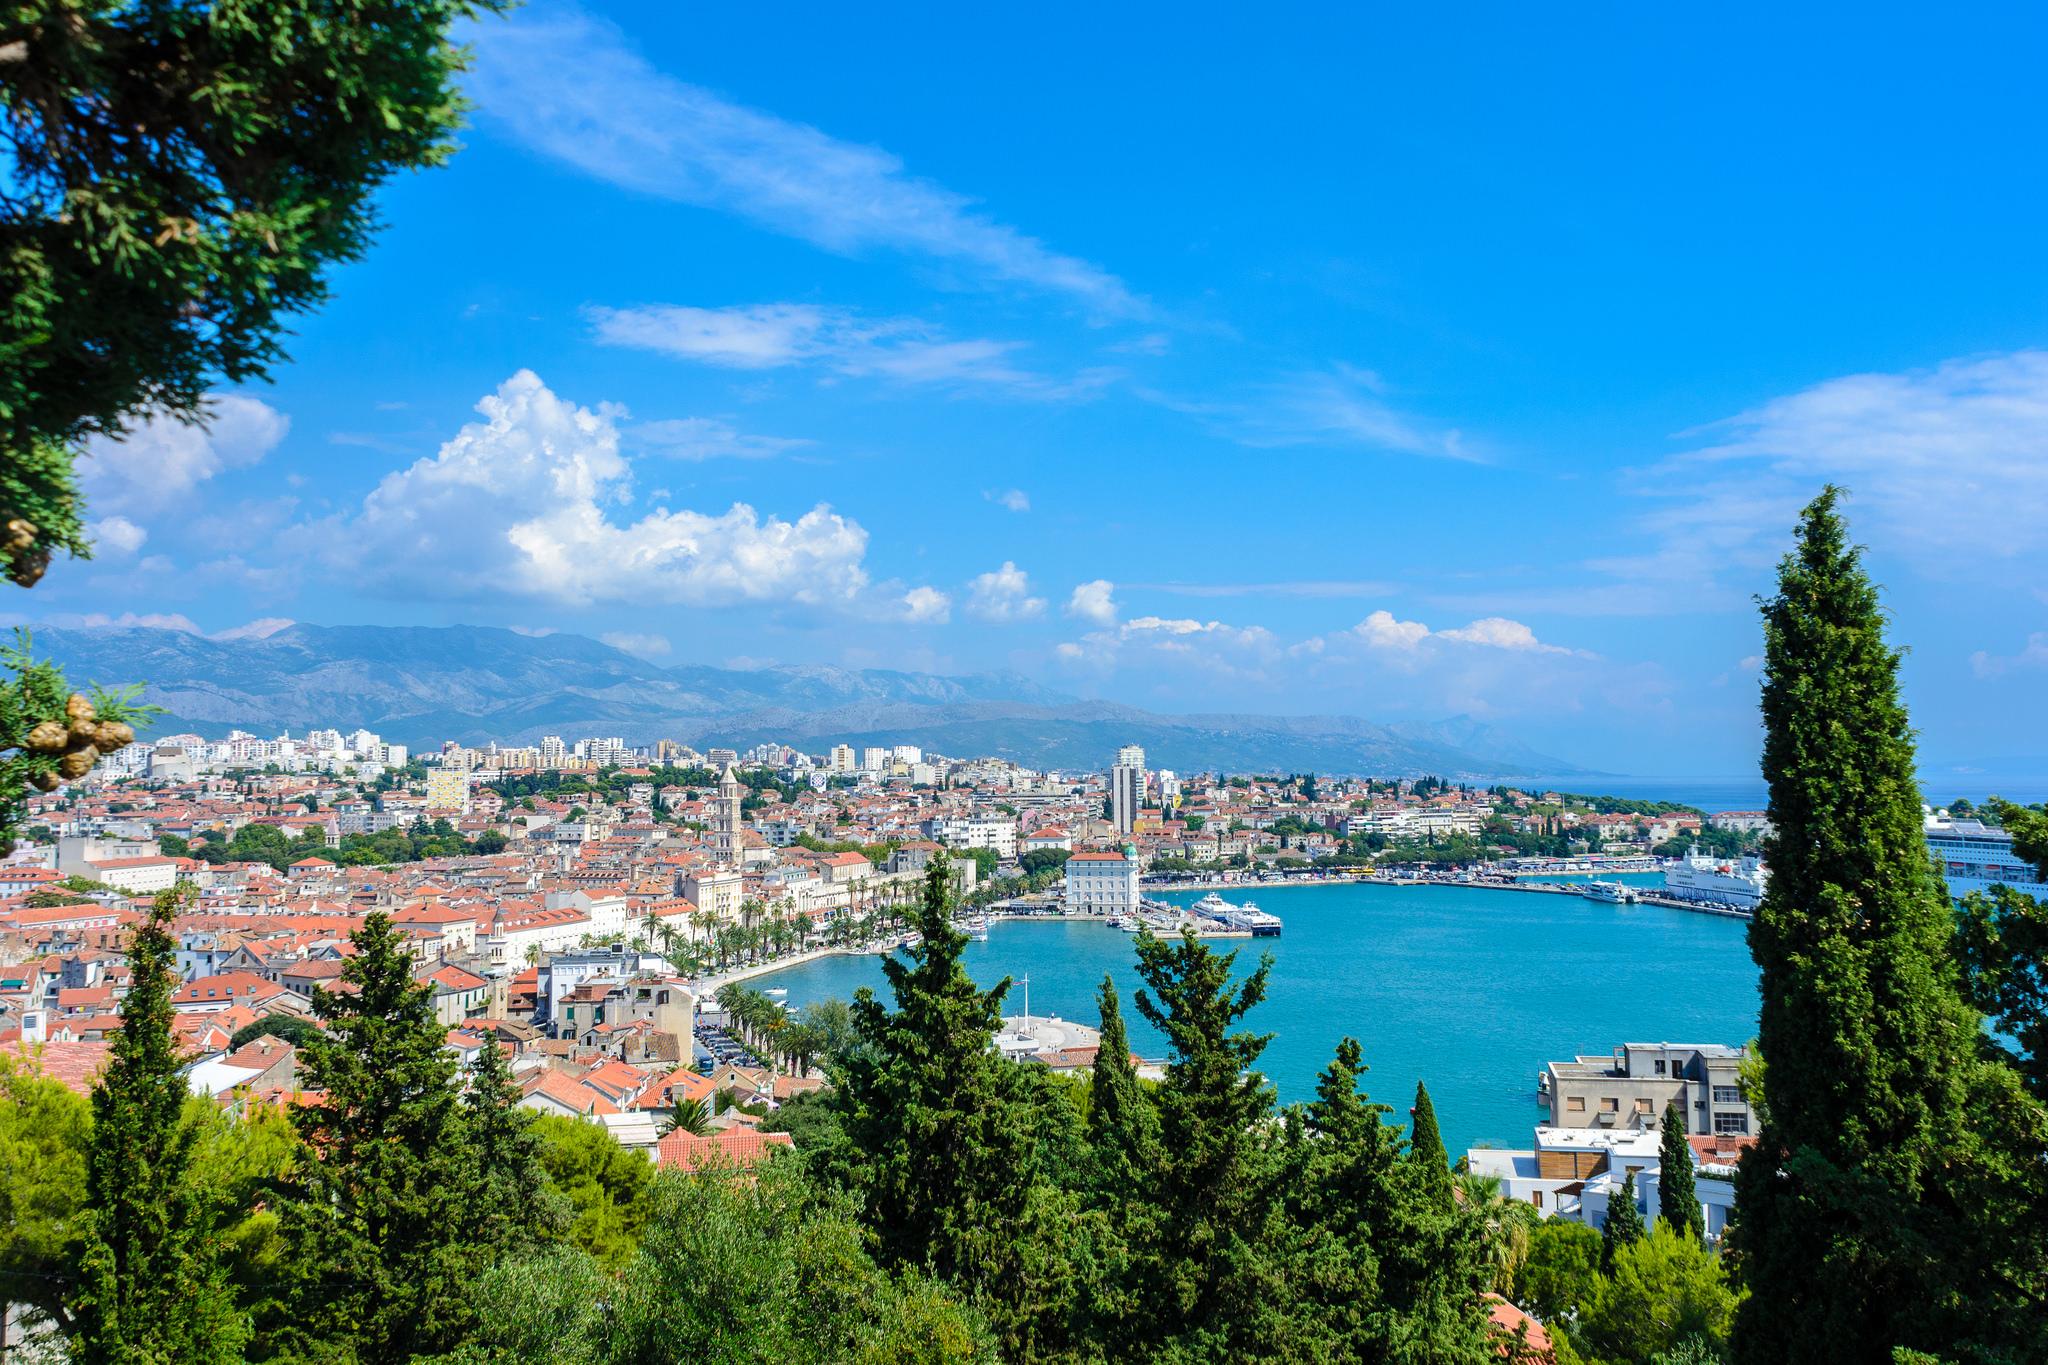 split Отдых в Хорватии туры хорватию хорватия Отдых в Хорватии — 9 курортных мест Адриатического побережья Split